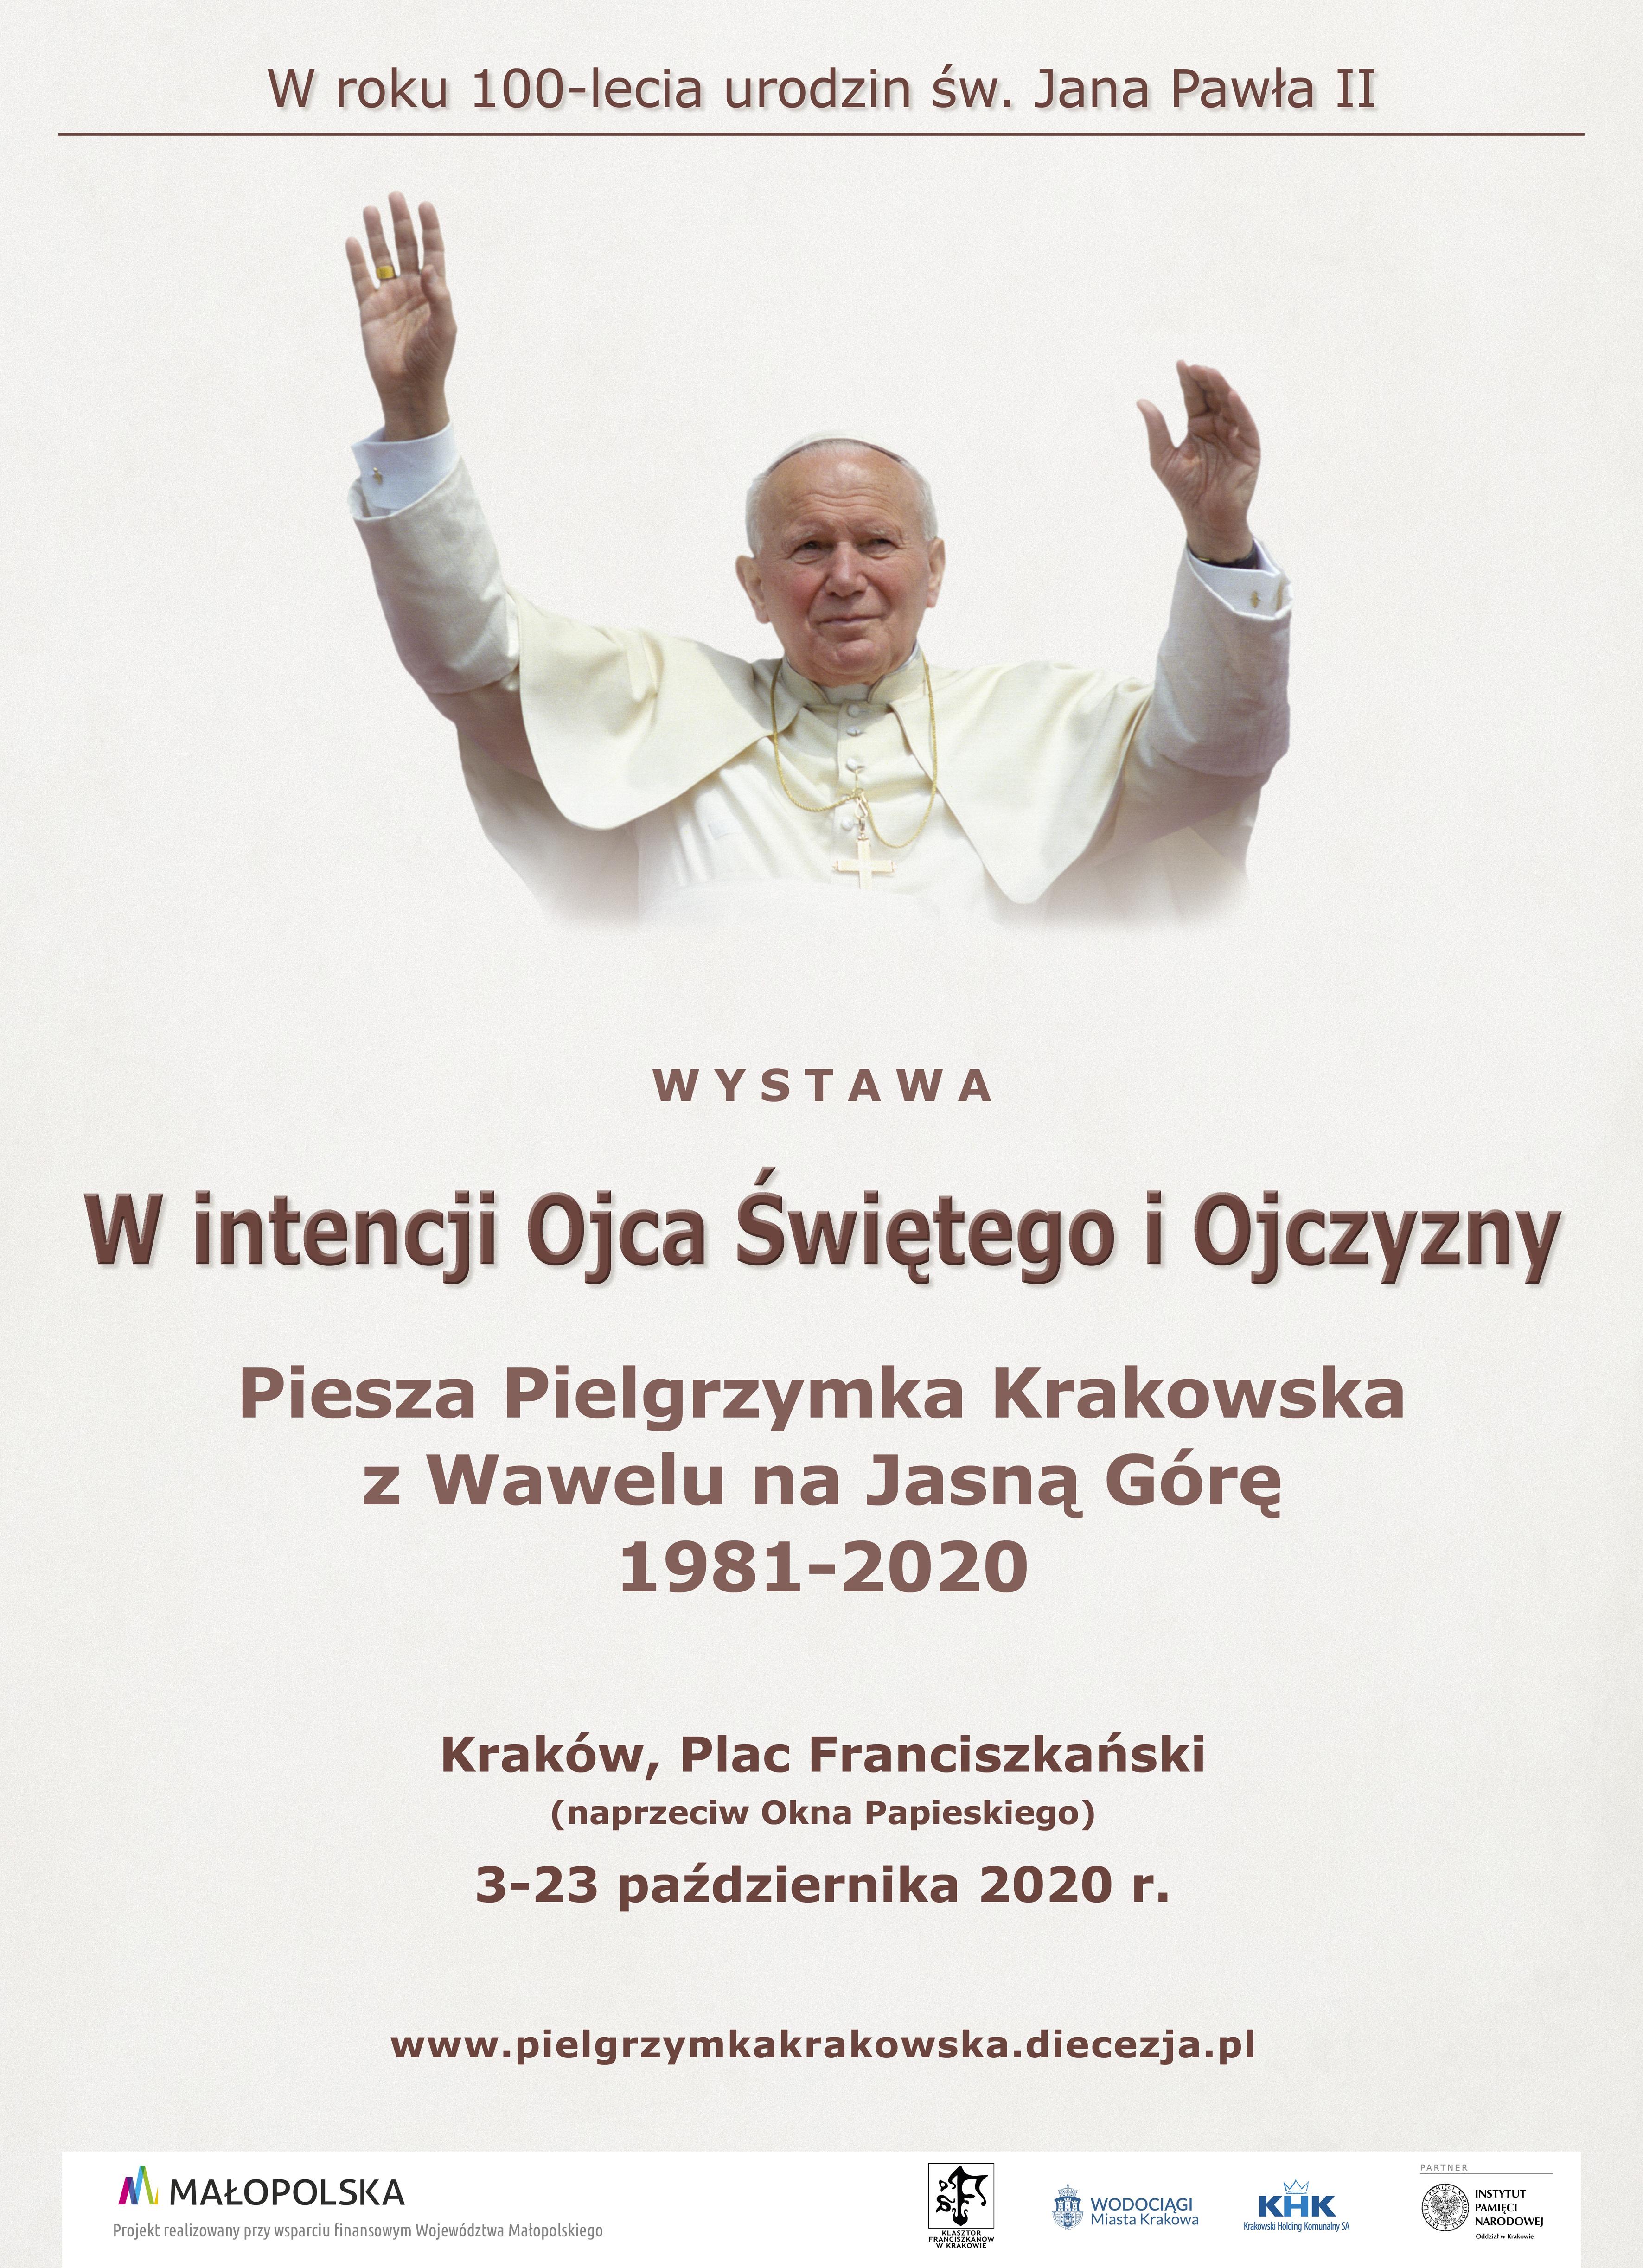 """Wystawa """"W intencji Ojca Świętego i Ojczyzny"""" Piesza Pielgrzymka Krakowska 1981-2020"""